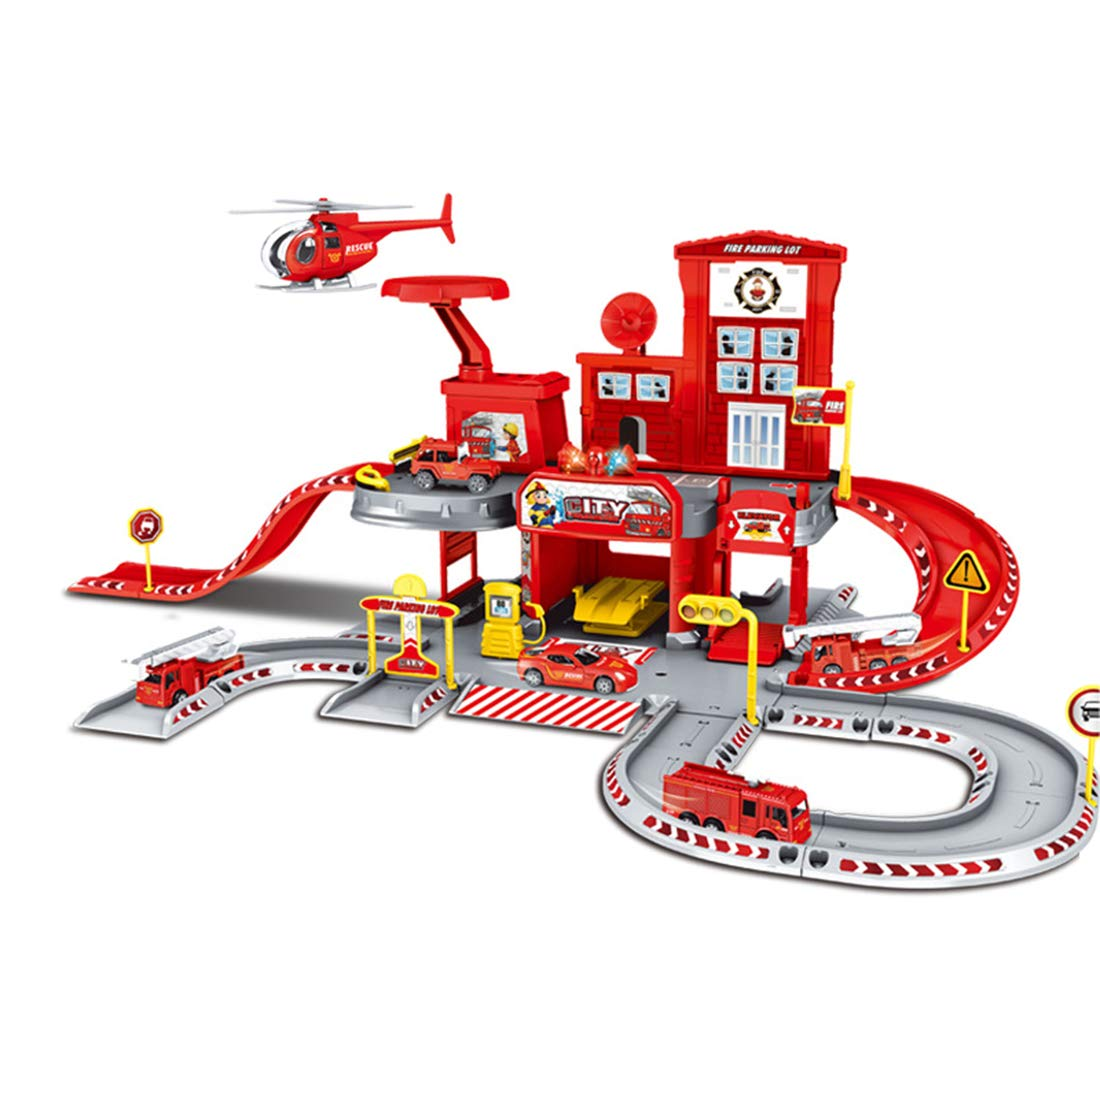 Parking Jouet 2 Etages Parking et Station Service avec 3 Vehicule Miniature 51 x 38 x 27cm TONGJI Garage Voiture Enfants Garage Jouet Enfant